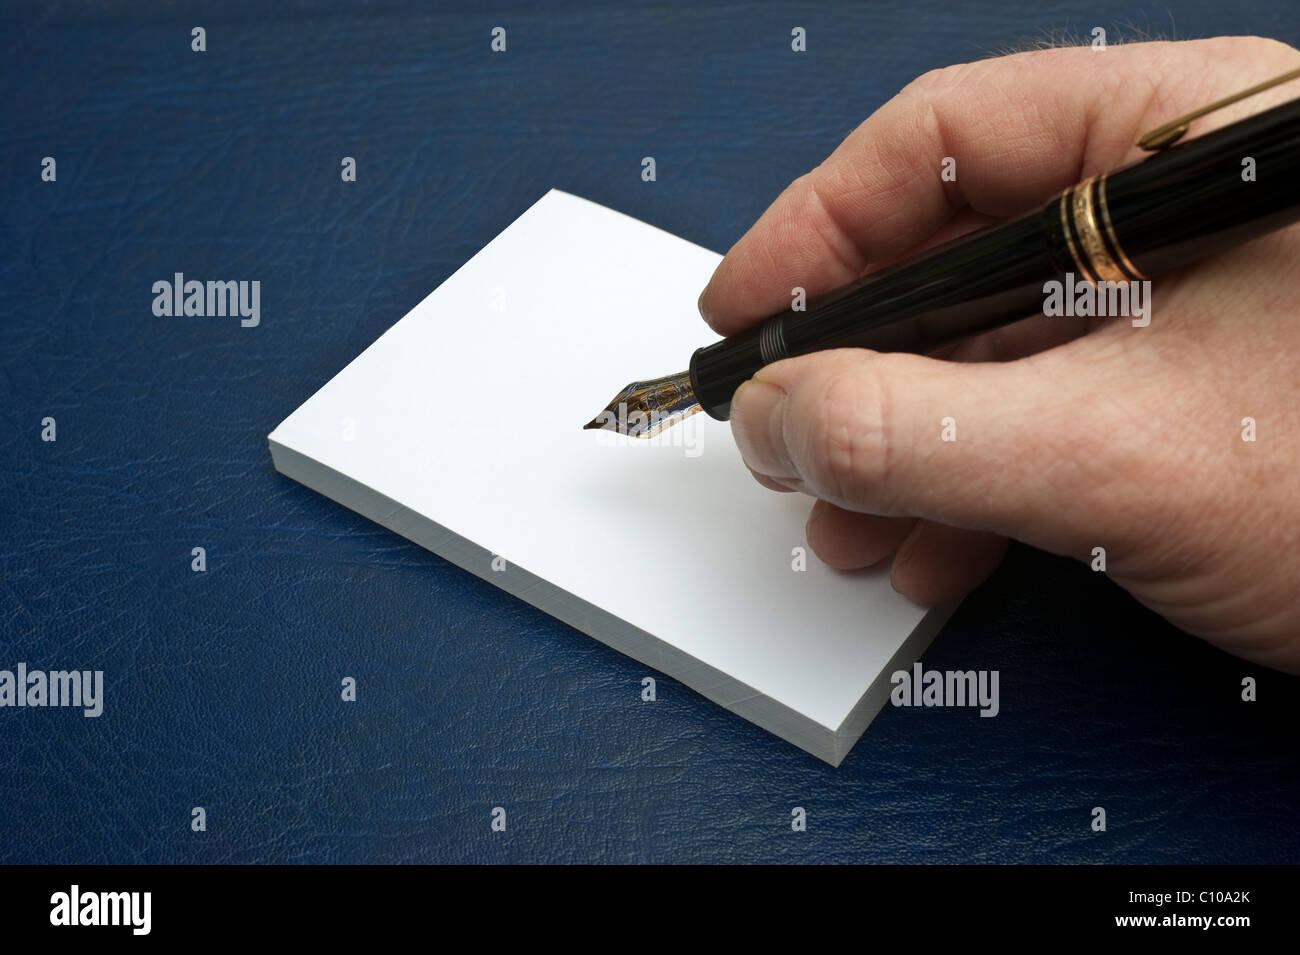 Une main tenant un homme Mont Blanc Meisterstuck 149 stylo à propos d'écrire sur un bloc de papier Photo Stock